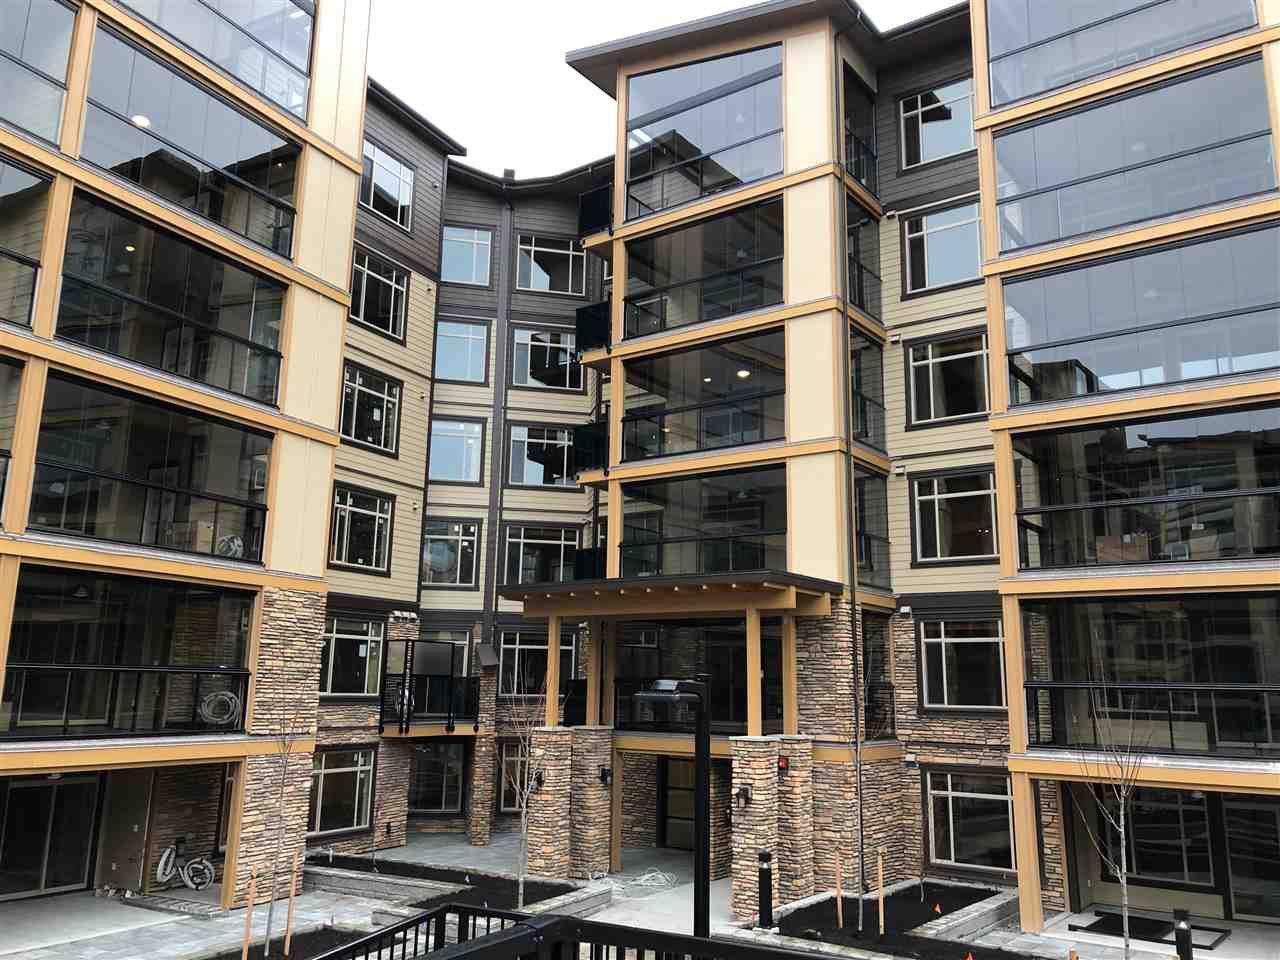 """Main Photo: 117 32445 SIMON Avenue in Abbotsford: Abbotsford West Condo for sale in """"LA GALLERIA"""" : MLS®# R2318755"""